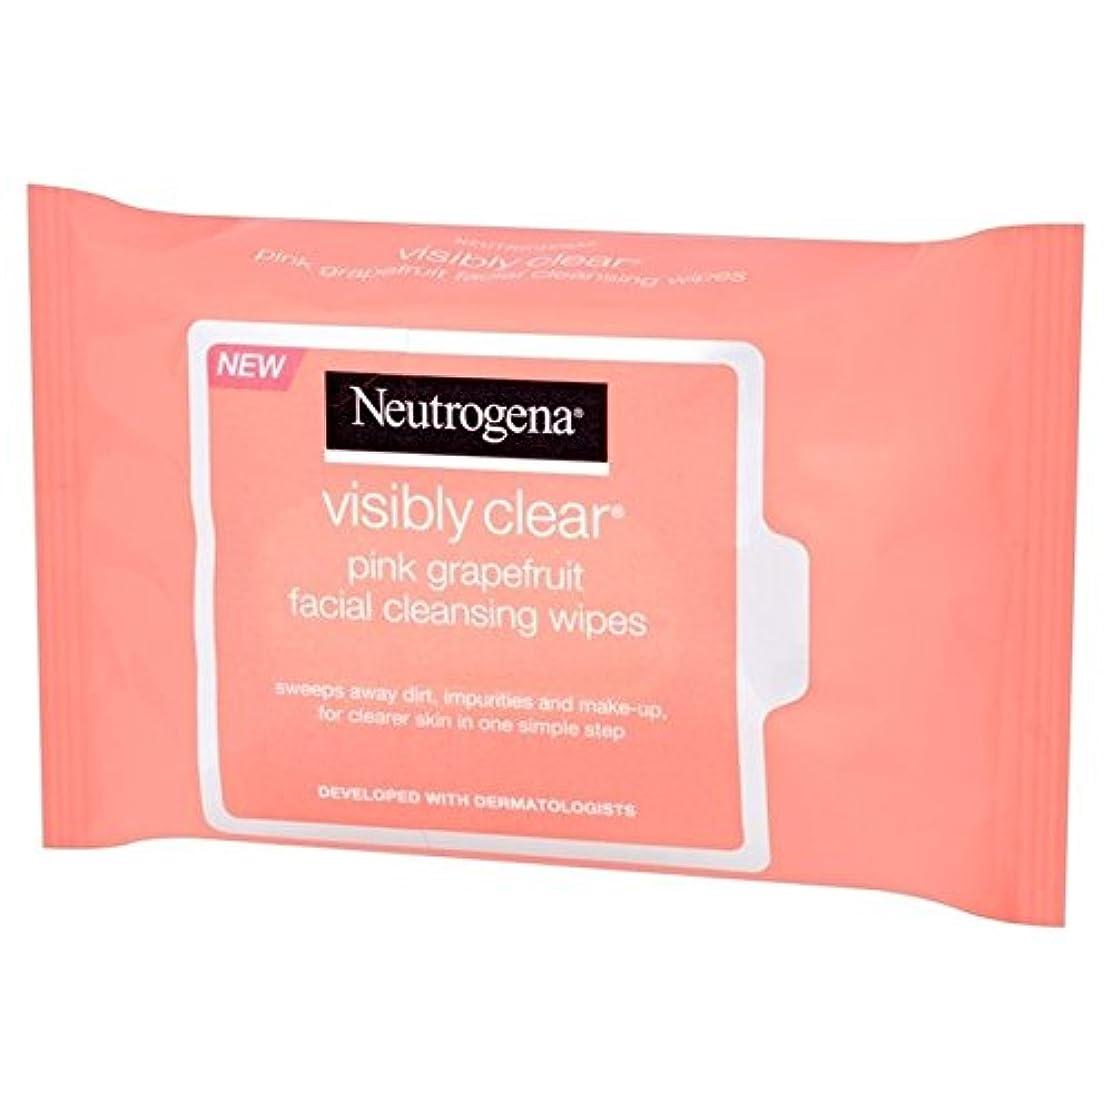 海嶺野心バレーボールNeutrogena Visibly Clear Pink Grapefruit Wipes 25 per pack (Pack of 6) - ニュートロジーナ目に見えて明らかピンクグレープフルーツは、パックごとに25...